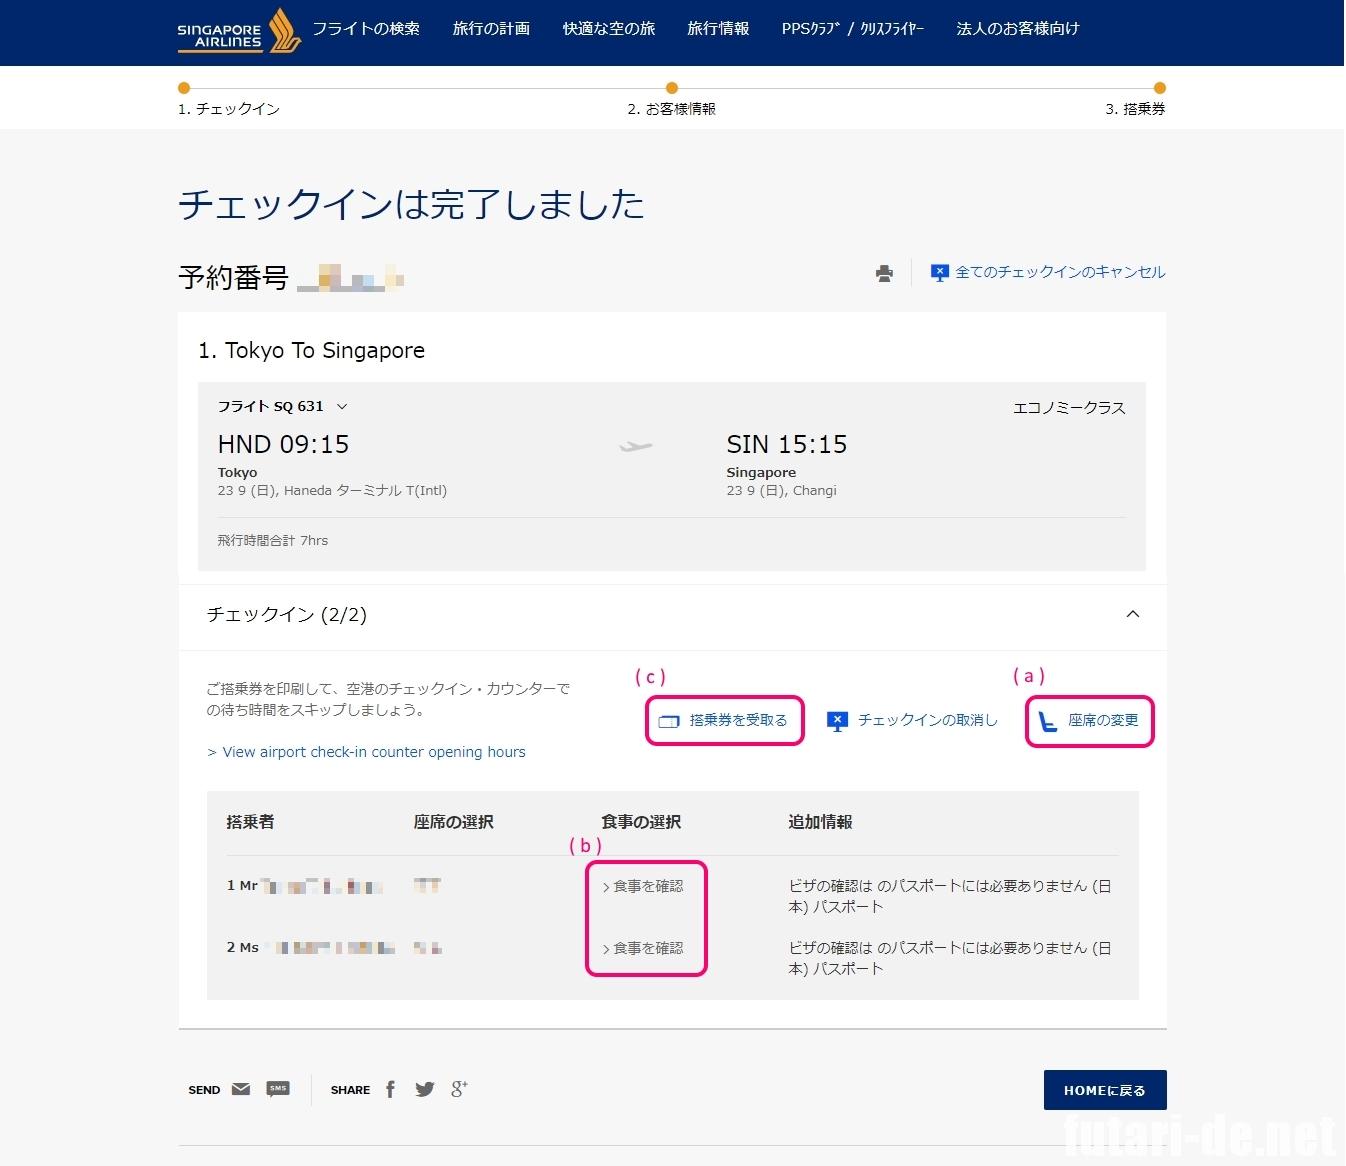 シンガポール航空 オンラインチェックイン ウェブチェックイン